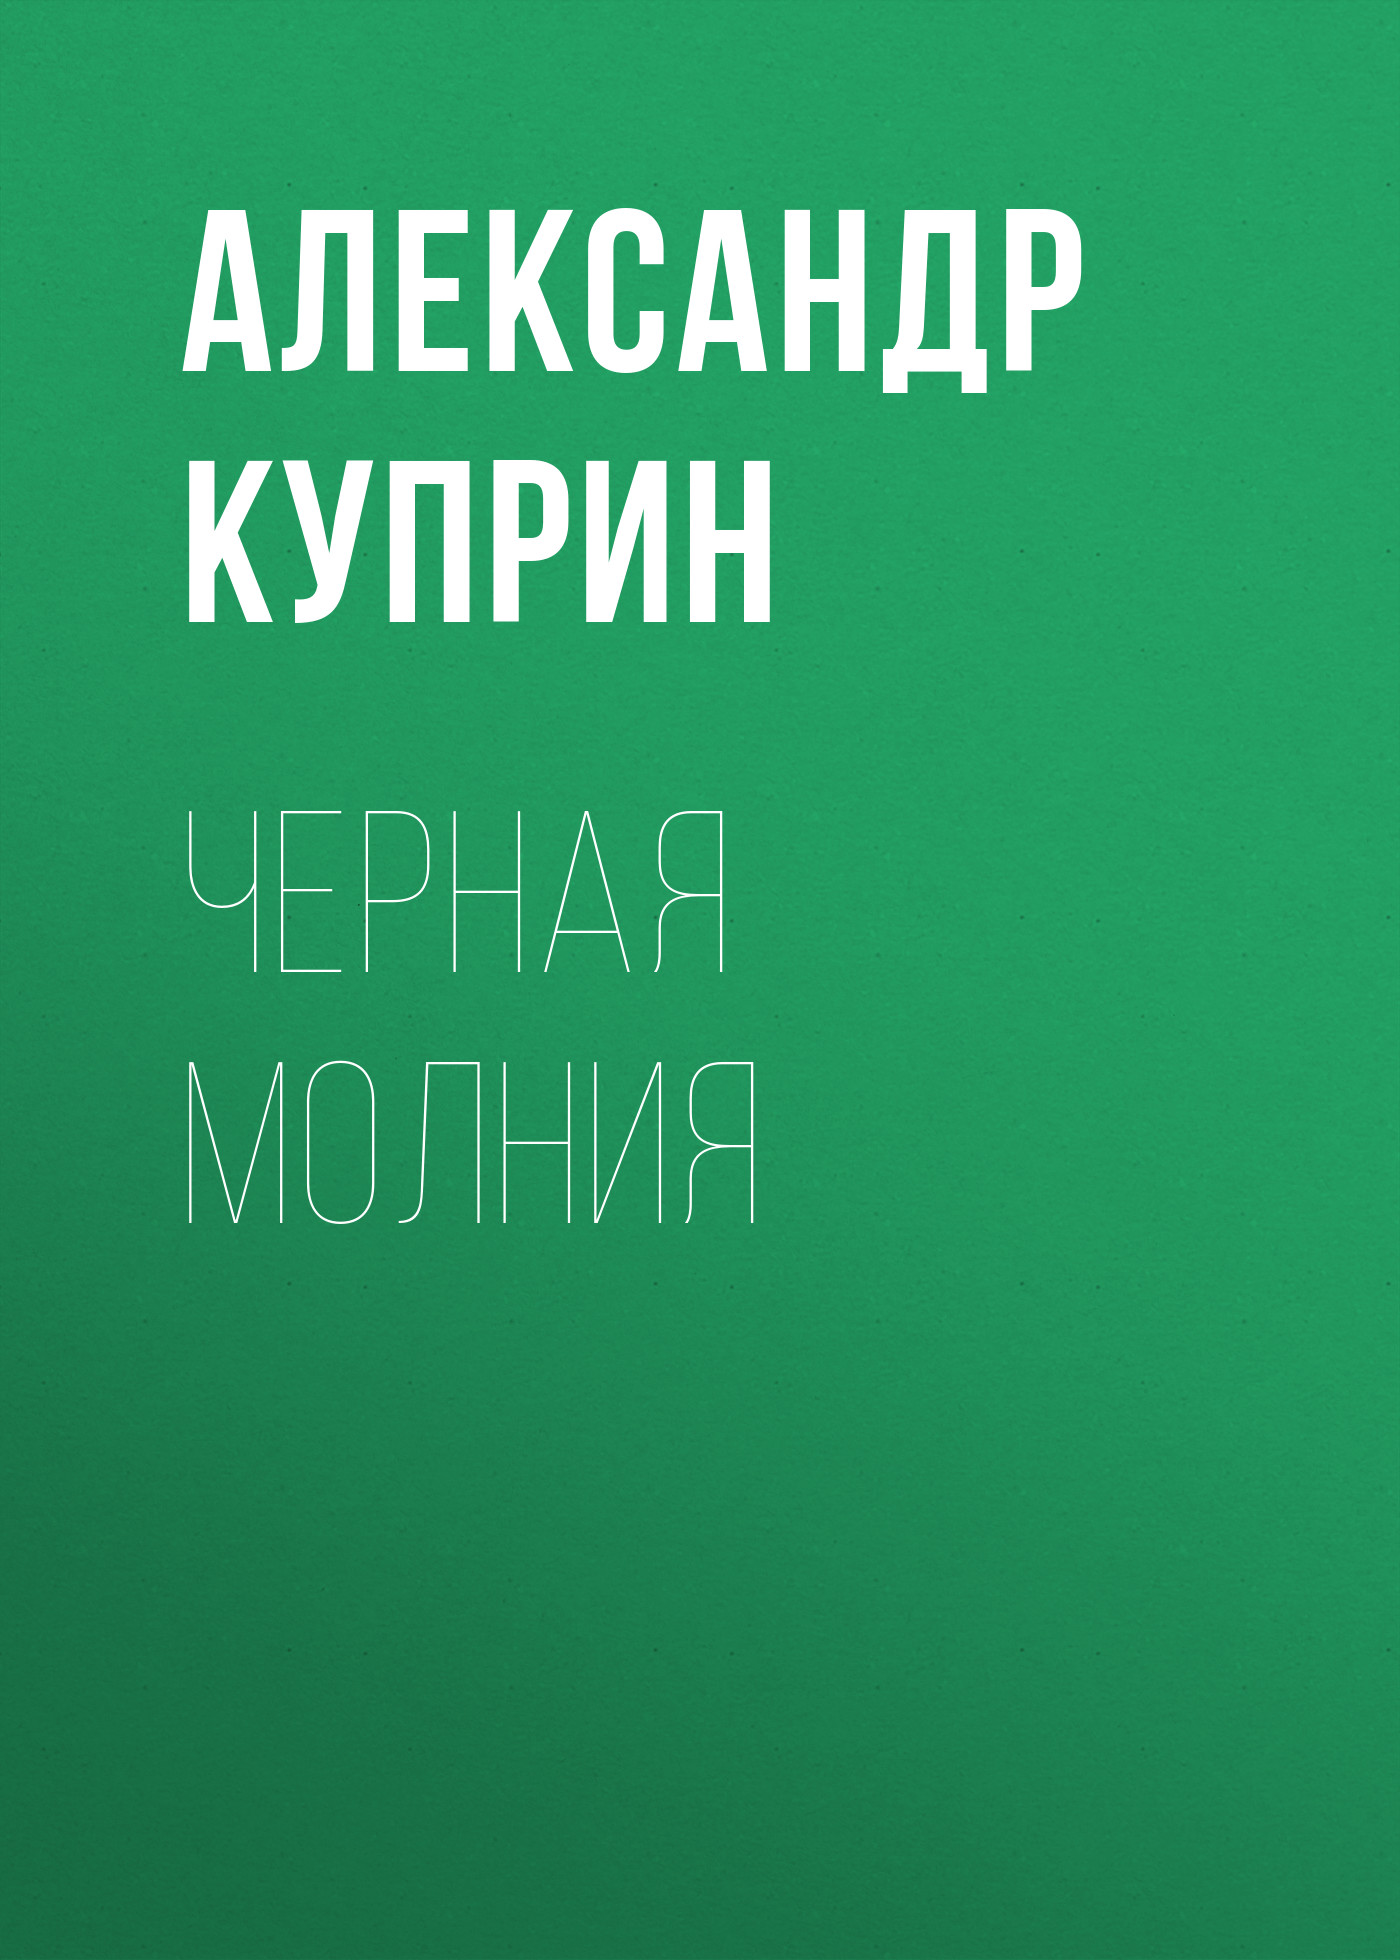 Купить книгу Черная молния, автора А. И. Куприна